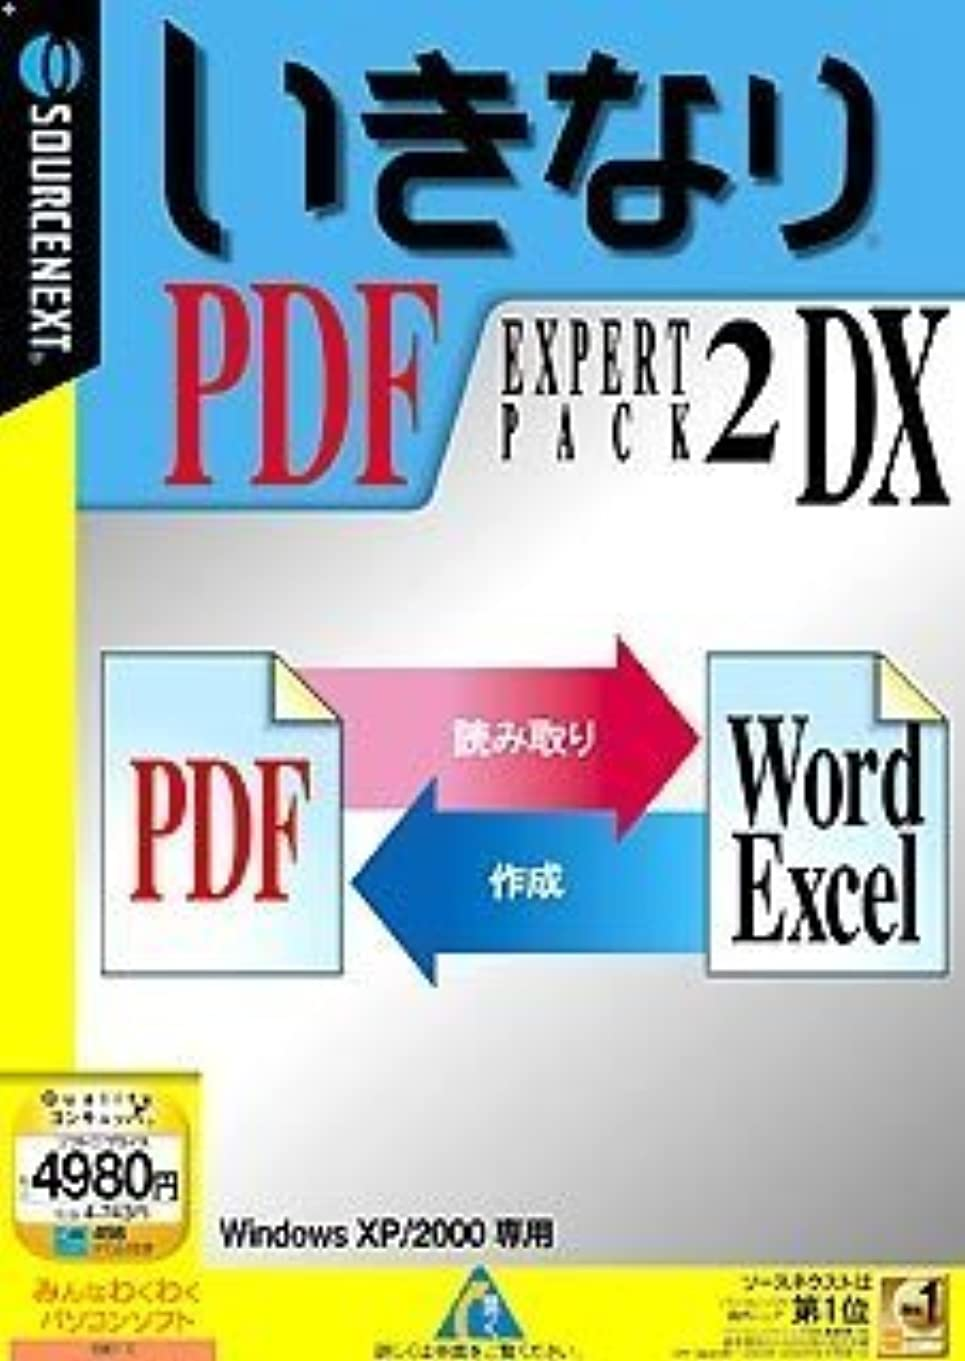 いきなりPDF EXPERT PACK 2 DX (説明扉付きスリムパッケージ版)